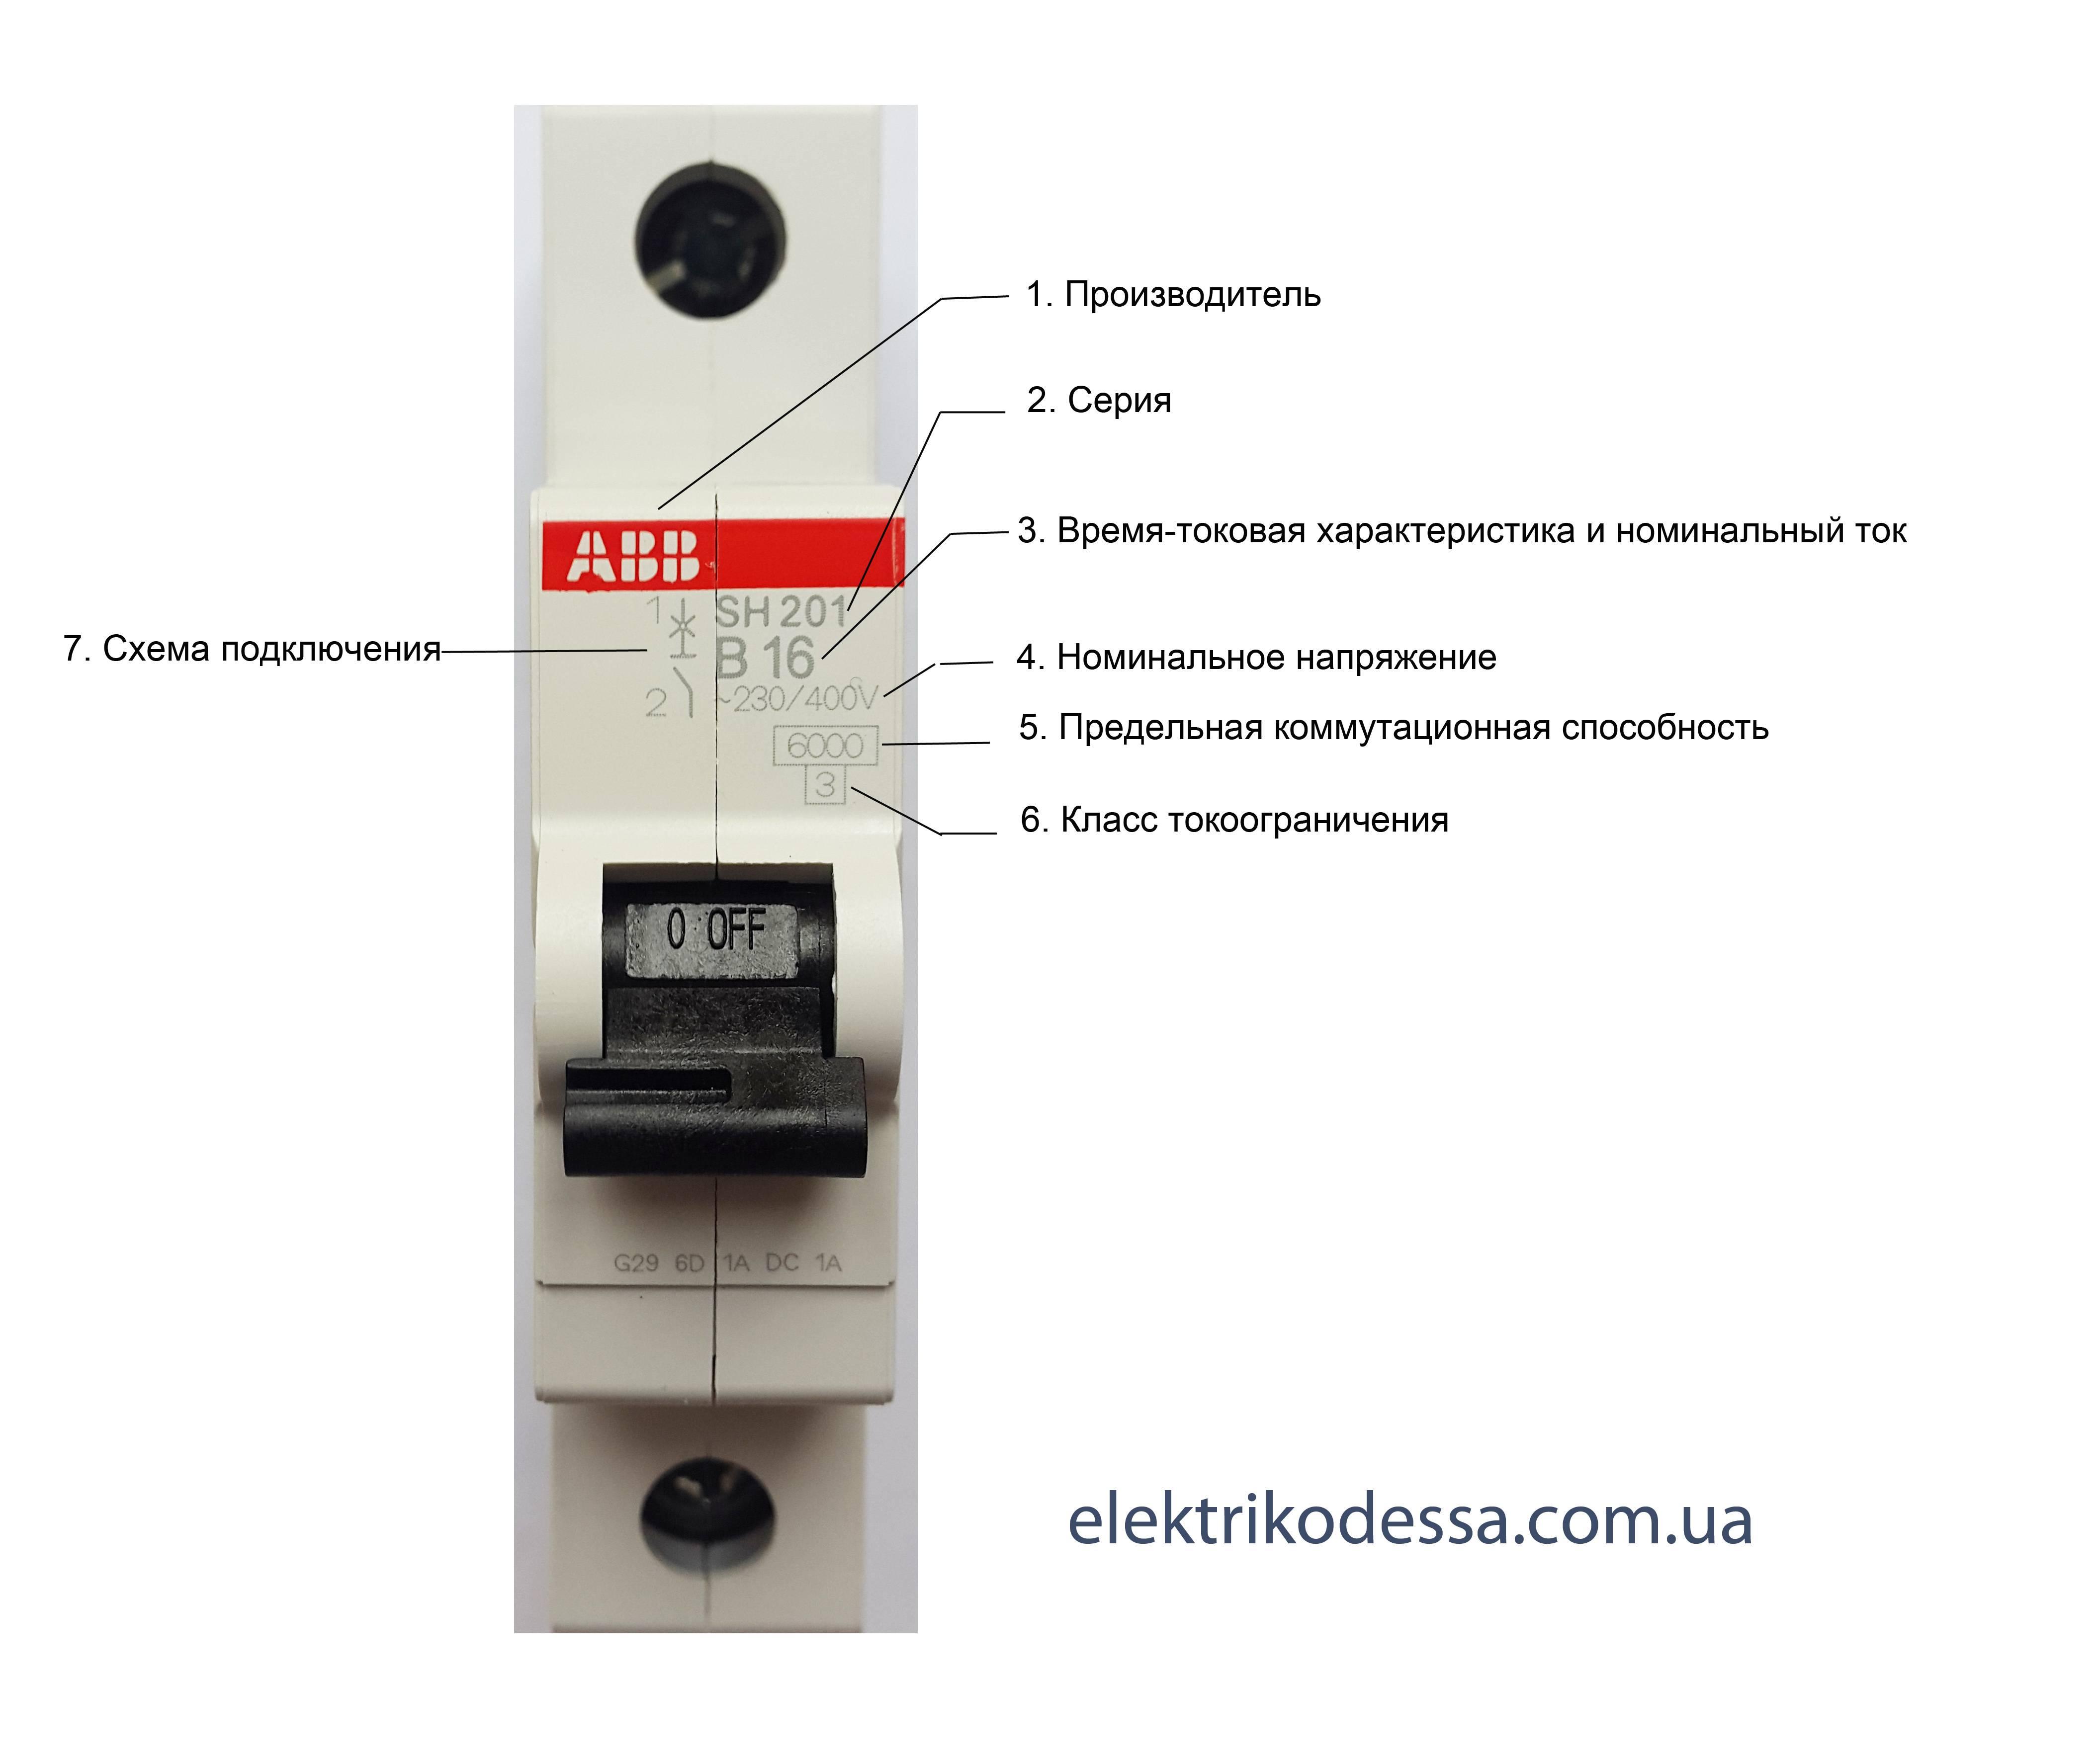 Маркировка автоматических выключателей: класс токоограничения